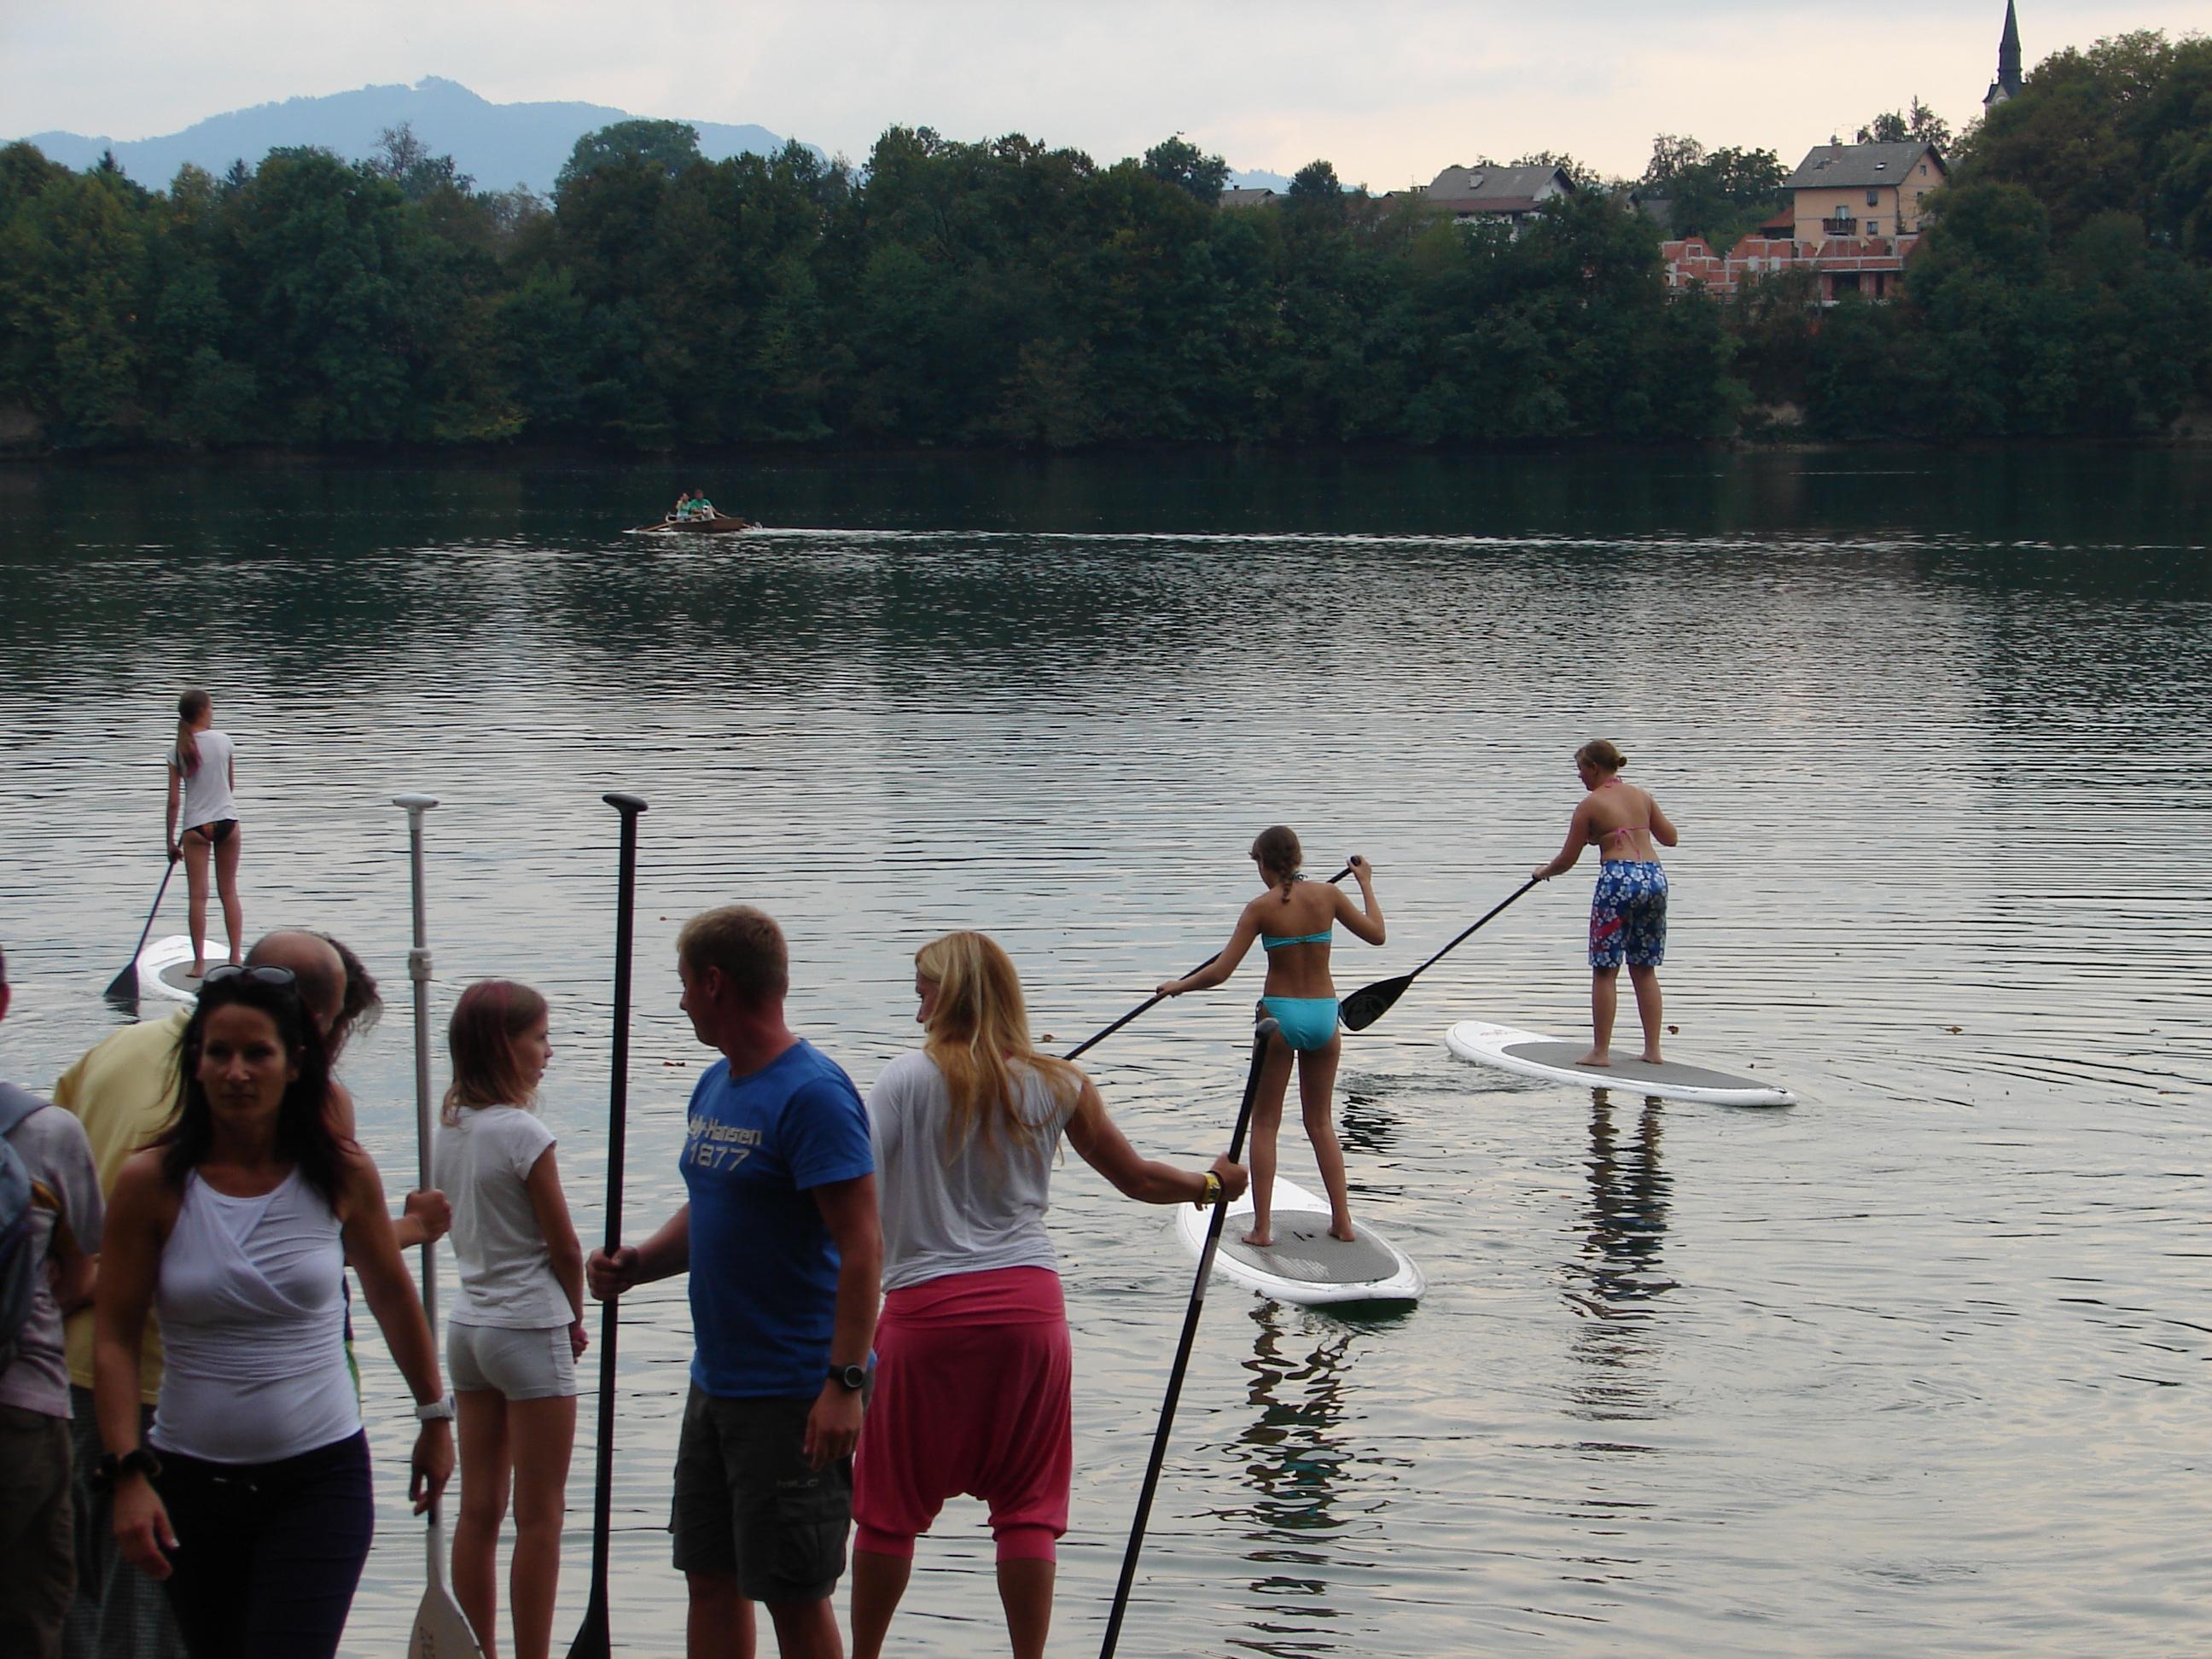 Doživetje narave ob jezeru